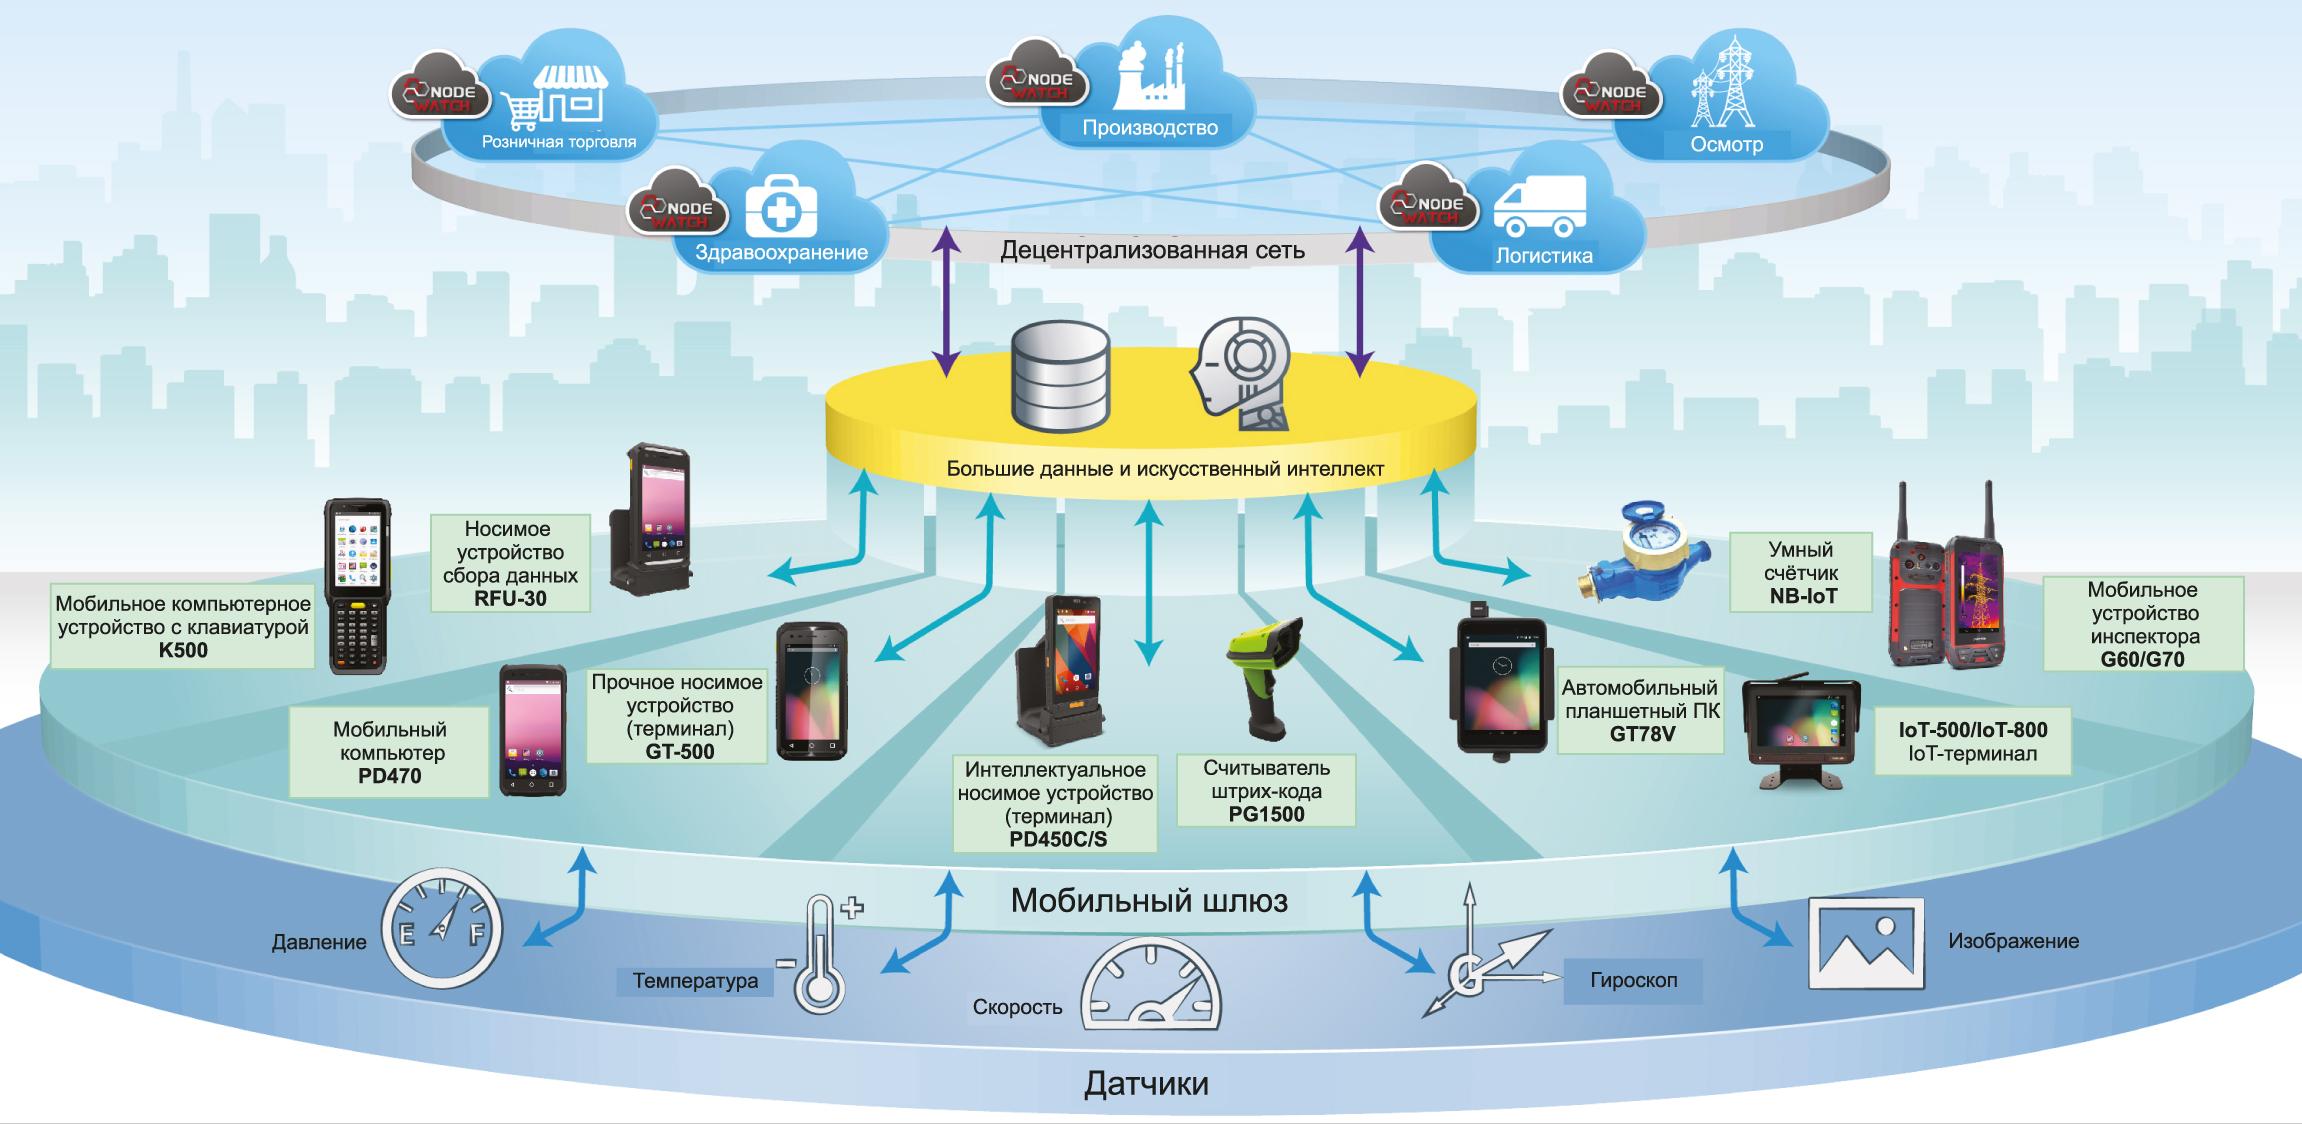 Решения компании AMobile в области индустриального «Интернета вещей» (IIoT)